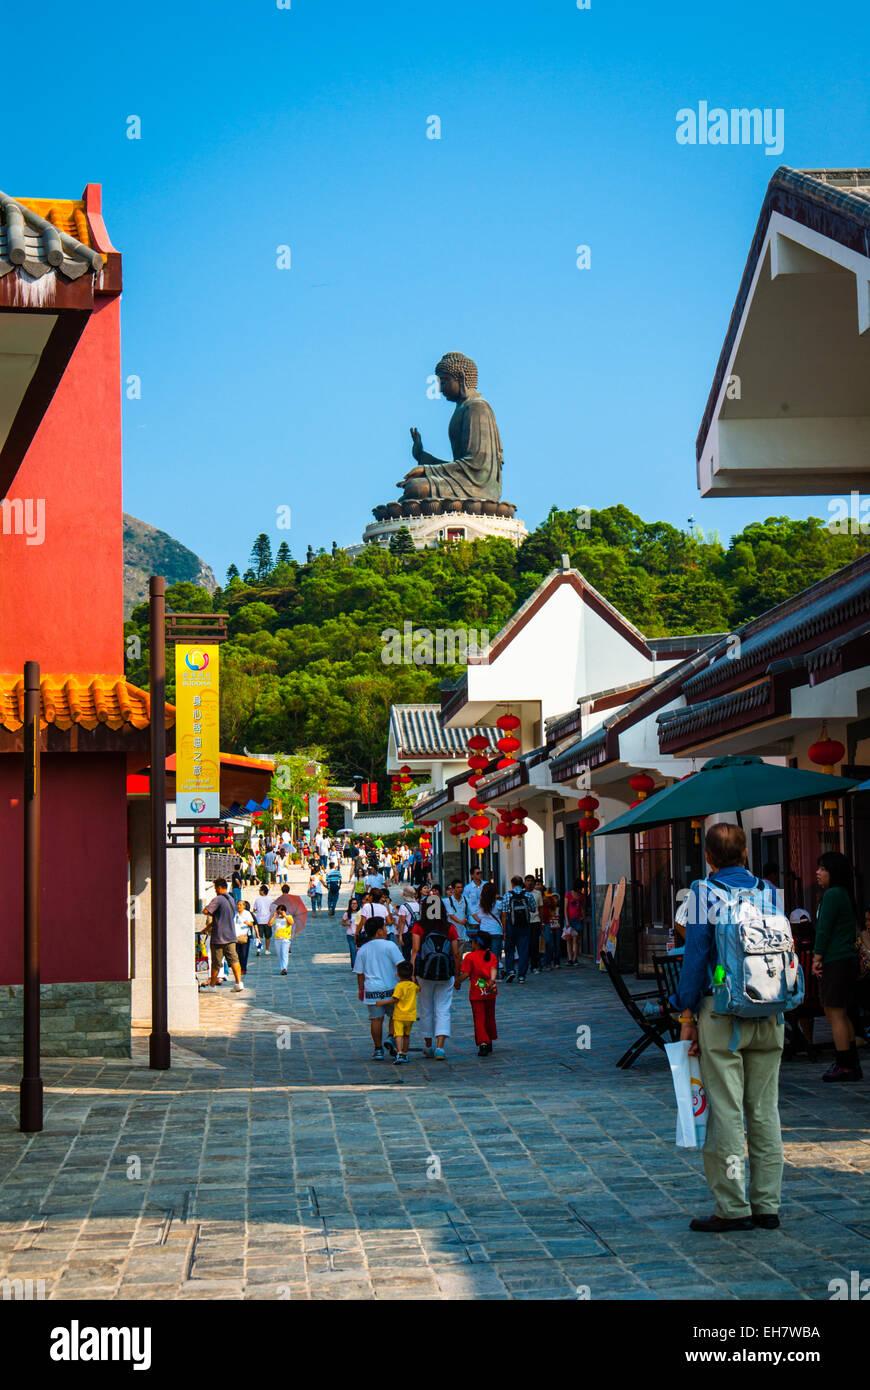 Ngong Ping Village, Lantau Island, Hong Kong - Stock Image